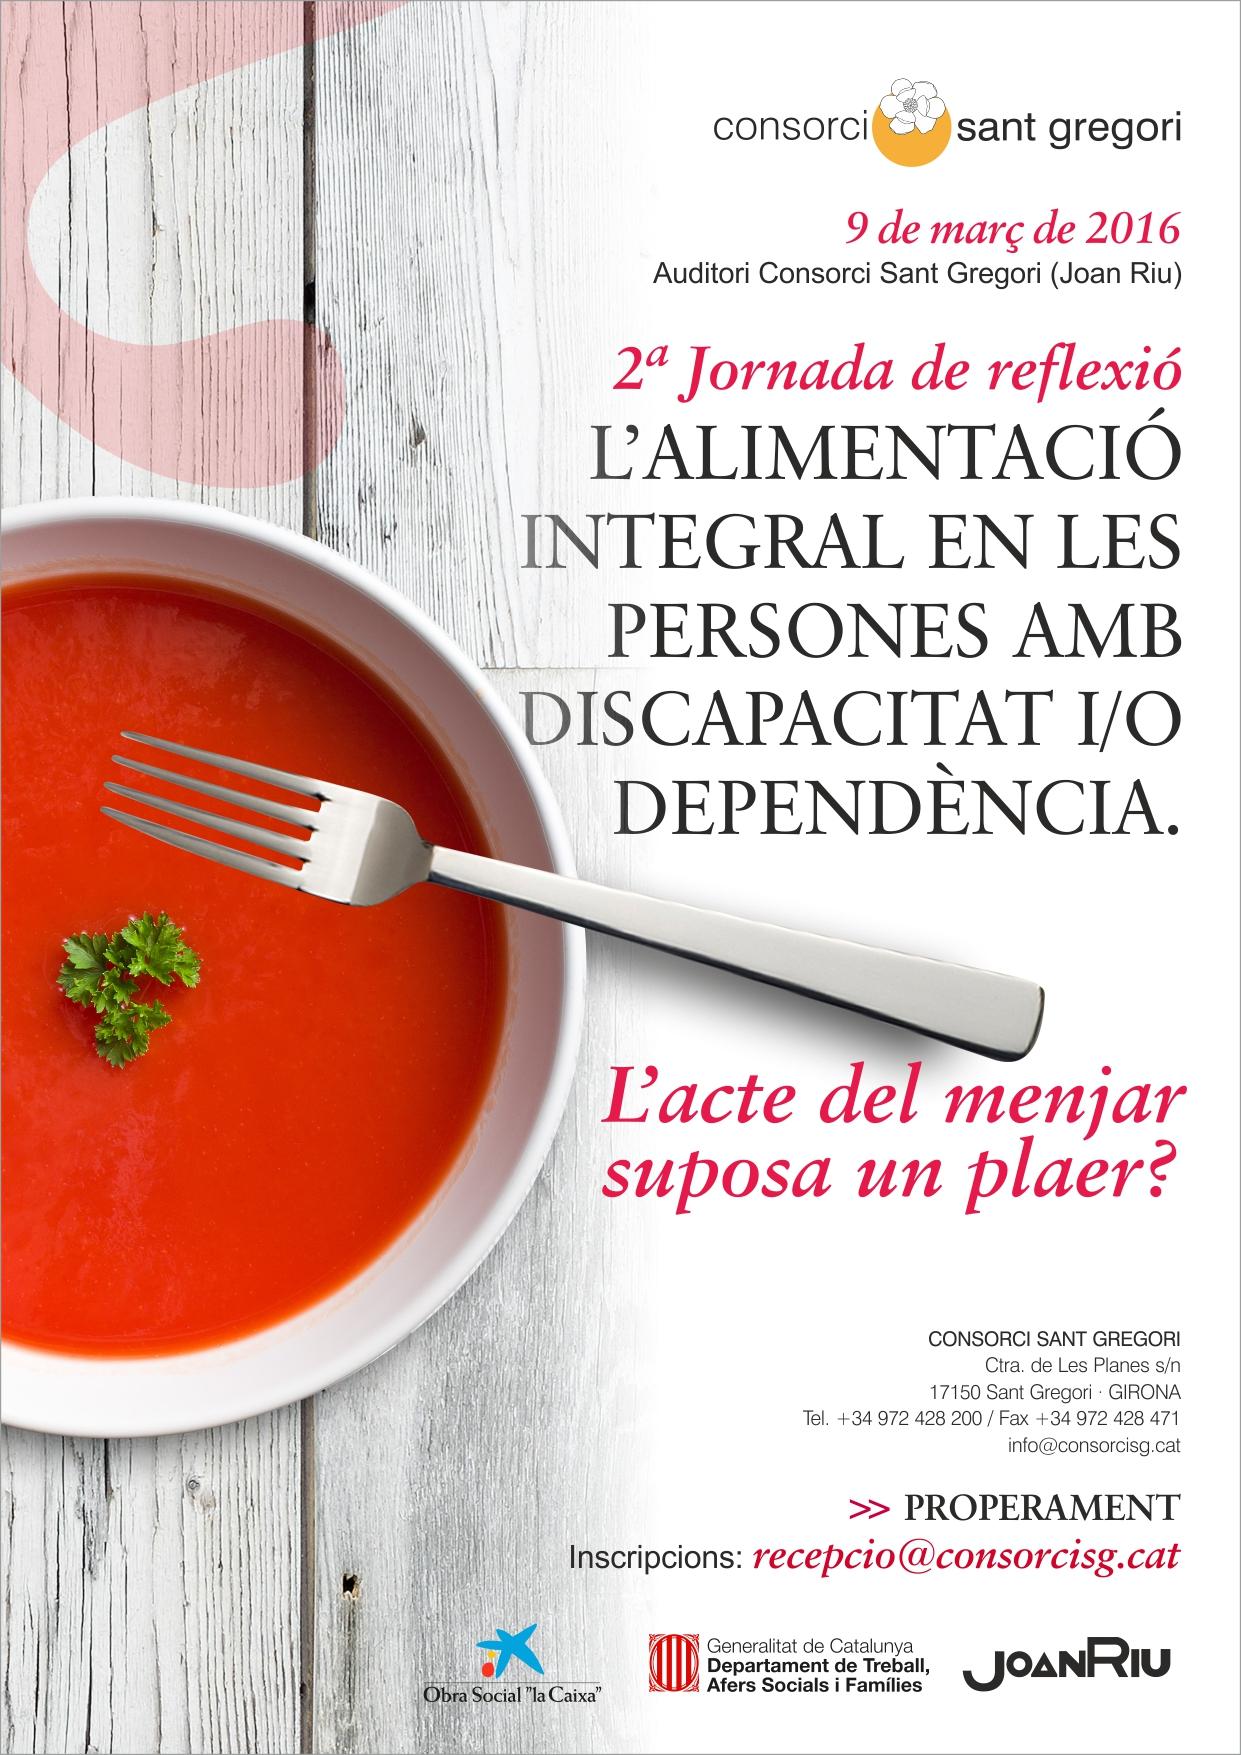 II Jornada de Reflexió: L'alimentació integral en les persones amb discapacitat i/o dependència. L'acte del menjar suposa un plaer?